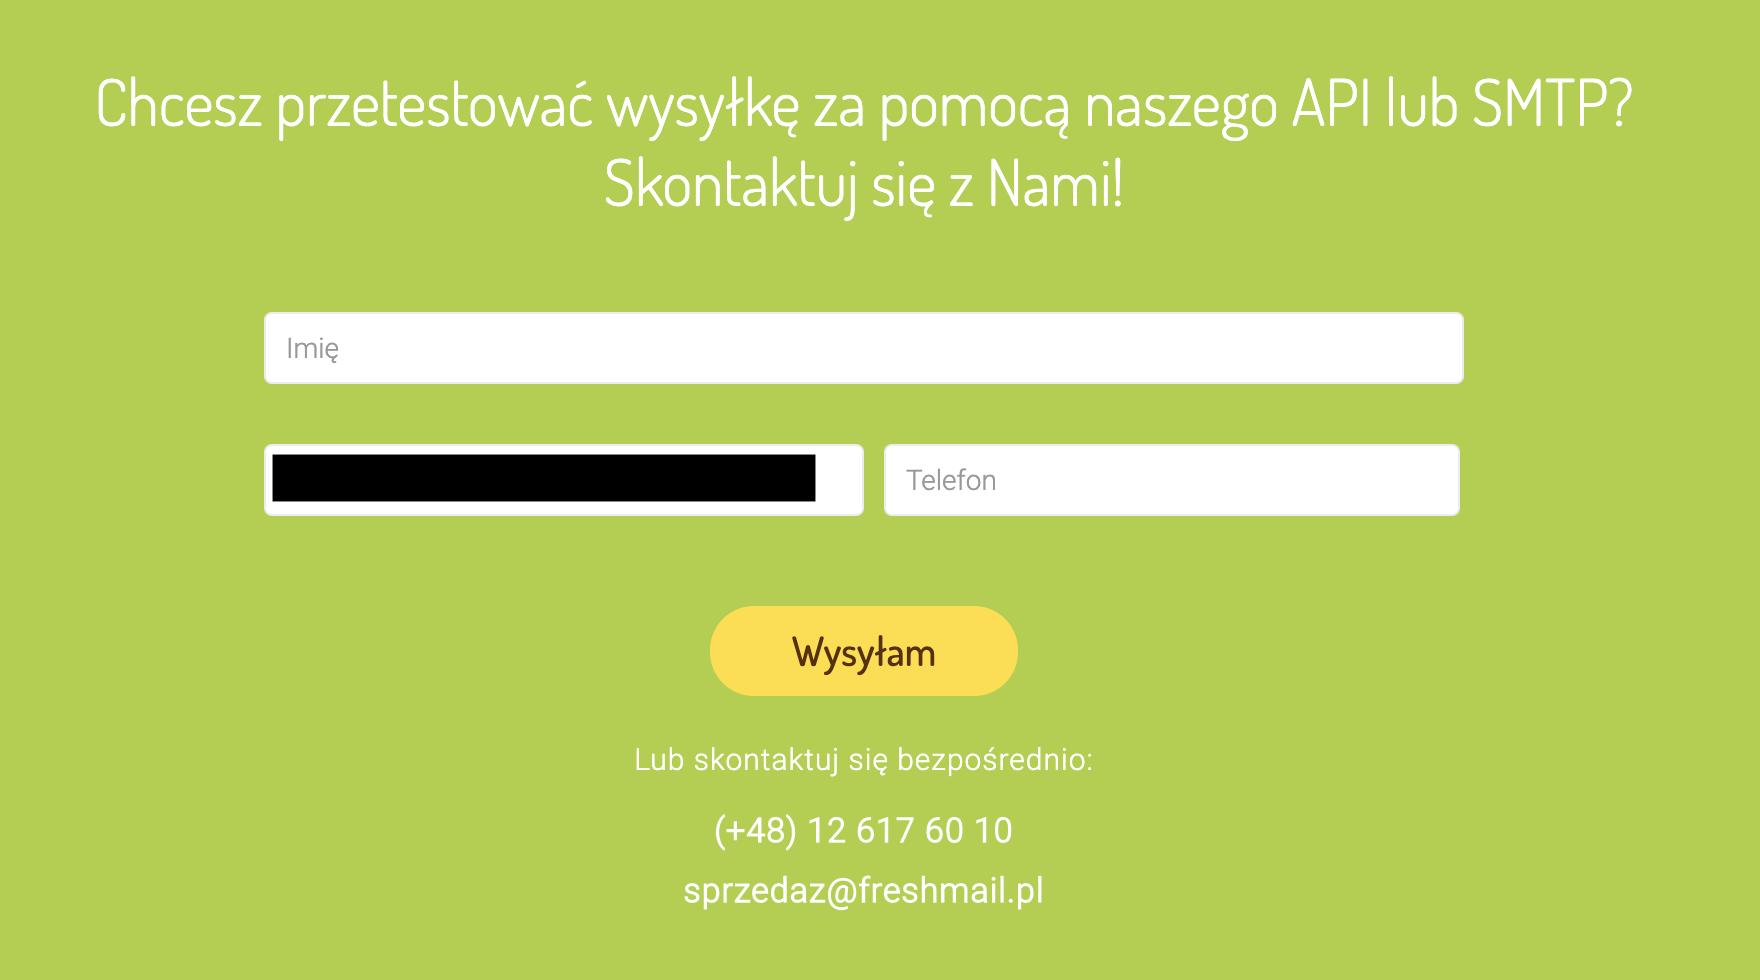 Emaile API i SMTP FreshMail